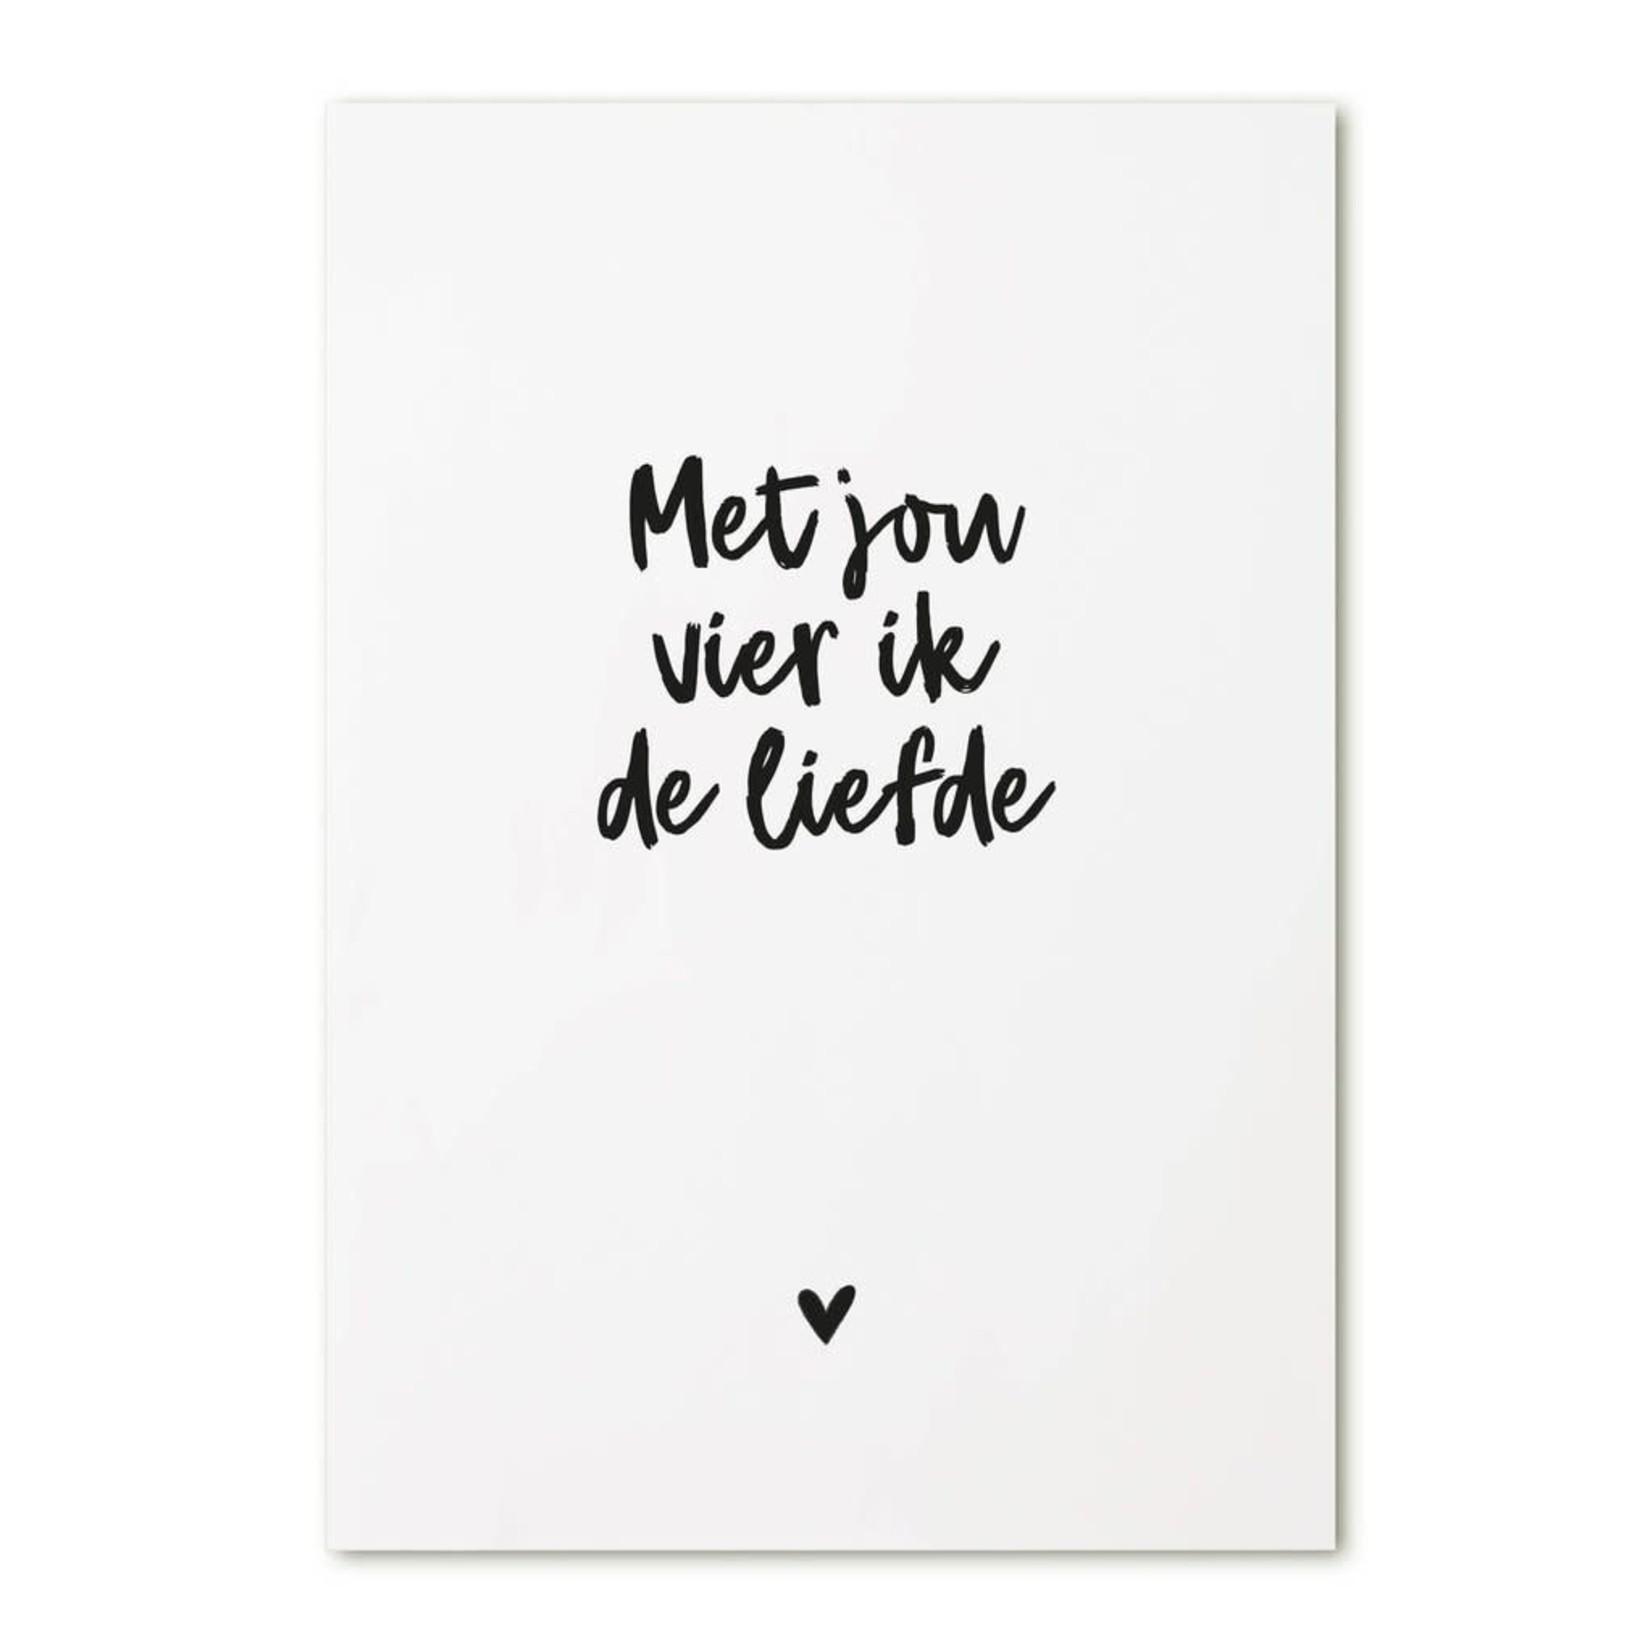 Zoedt Ansichtkaart Met jou vier ik de liefde